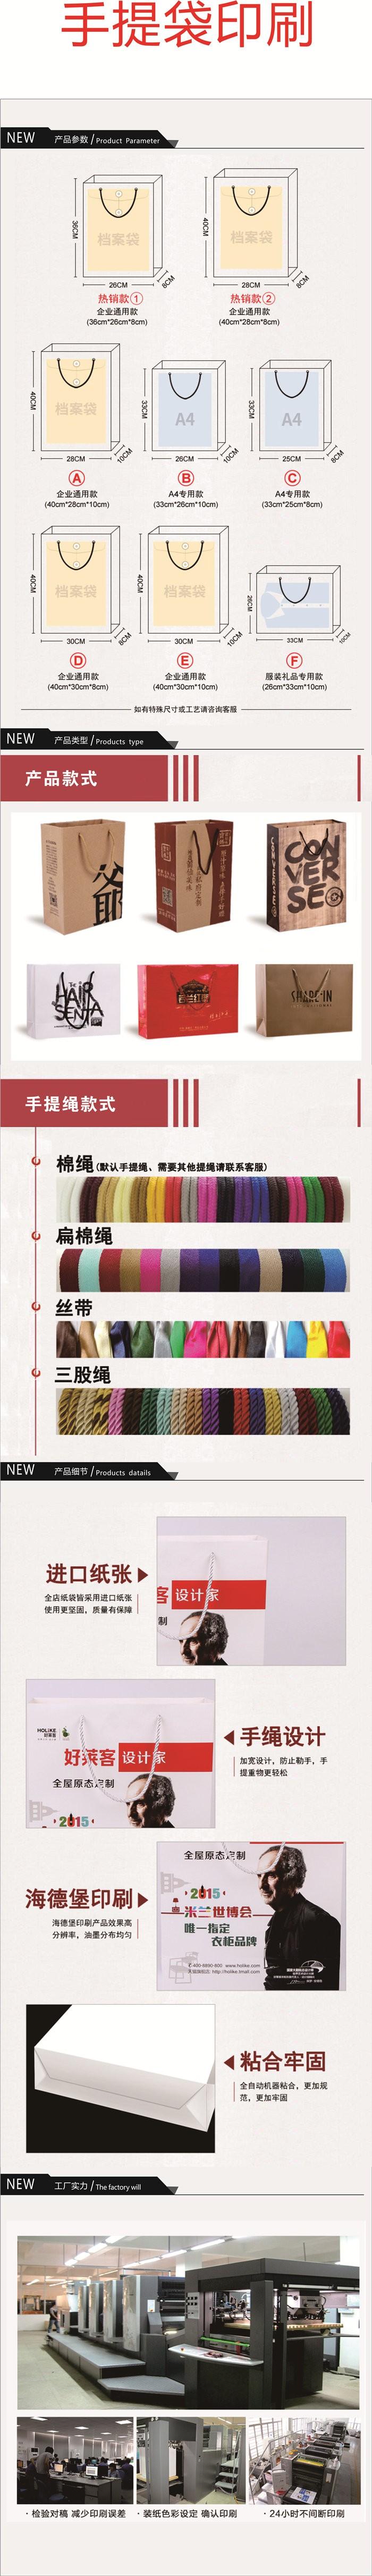 重庆手提袋定制印刷